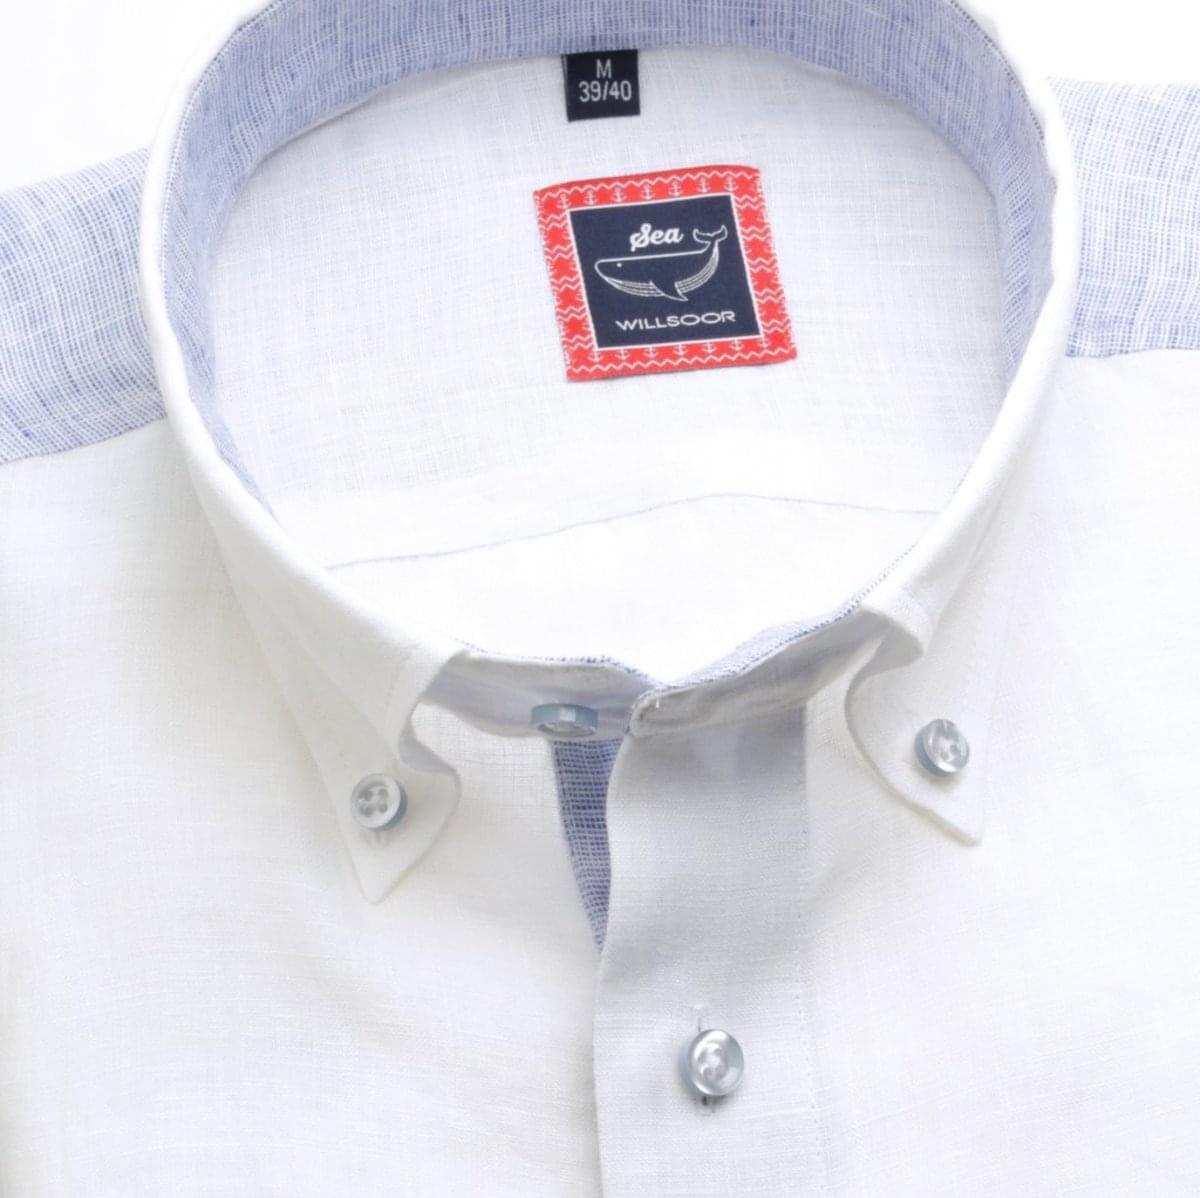 Pánska slim fit košeľa (výška 176-182) 6666 v biele farbe s golierikom na gombíky 176-182 / L (41/42)